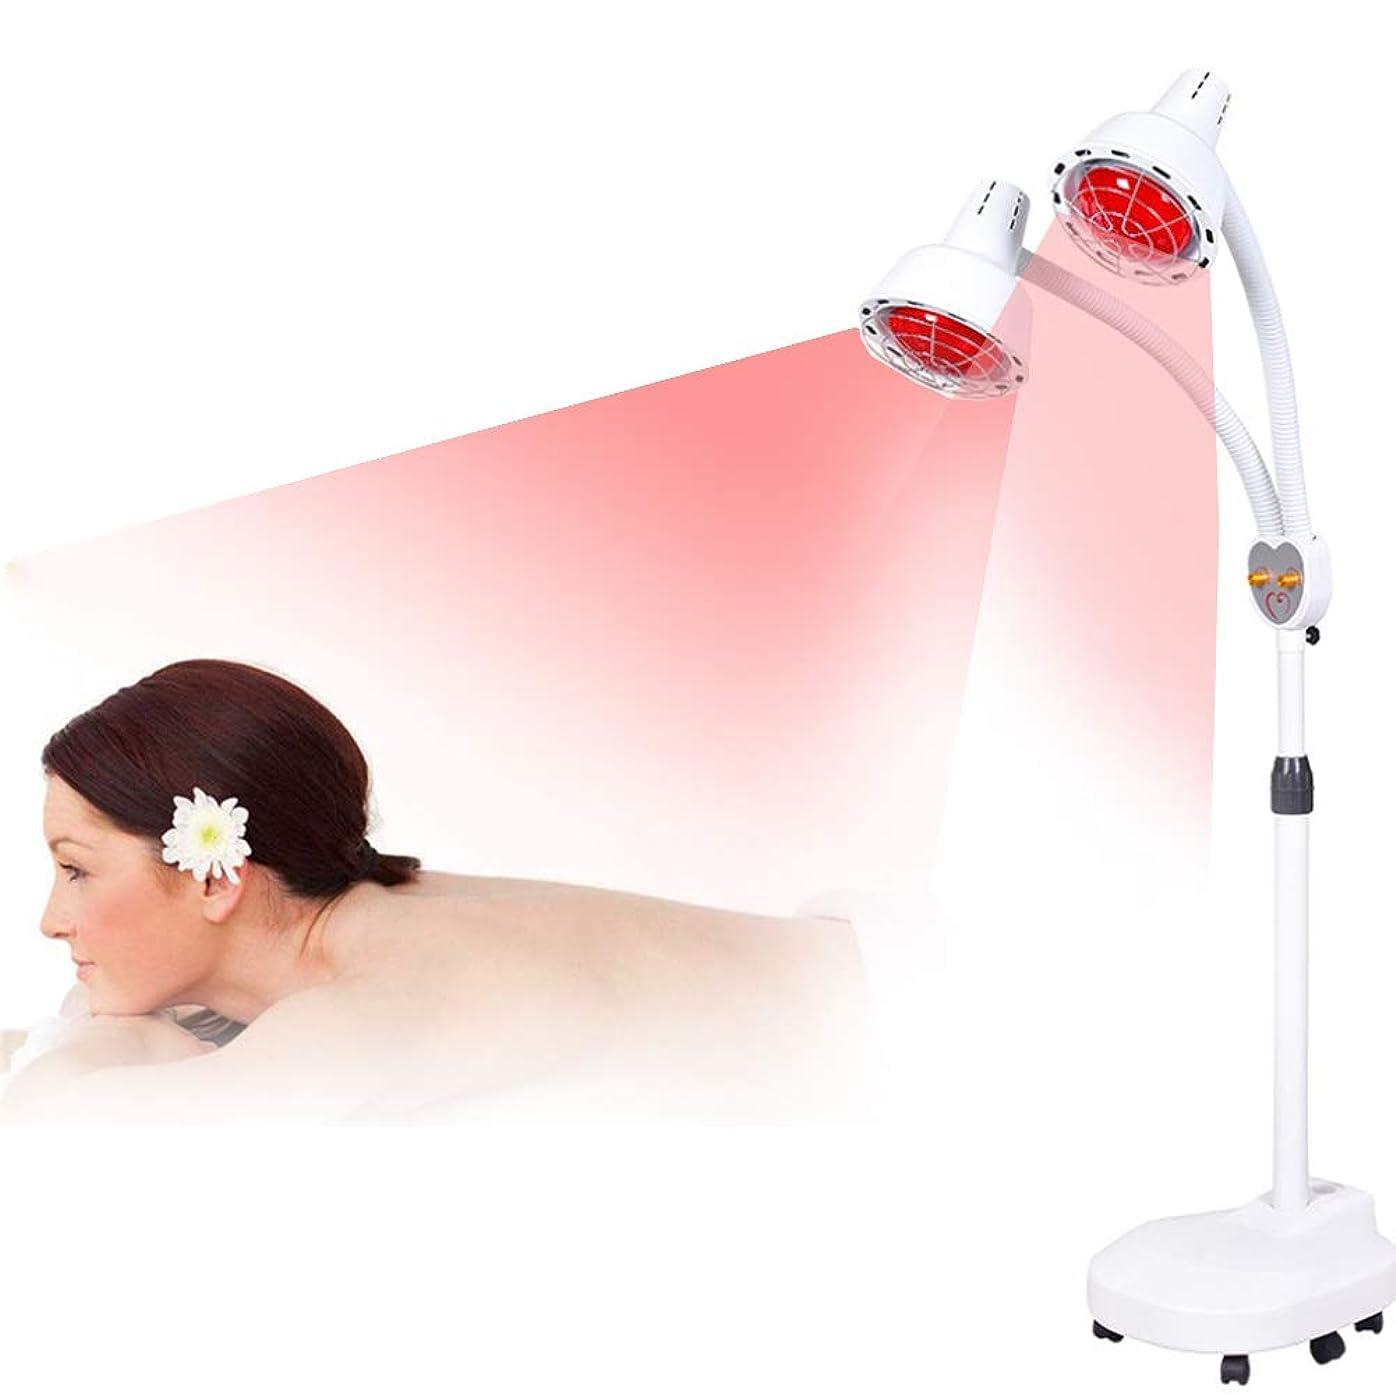 余韻阻害するペナルティ多機能ダブルヘッド遠赤外線理学療法ランプ美容院ホーム美容スキンベーキング電気理学療法器具暖房加熱ベーキング理学療法ランプ275ワット